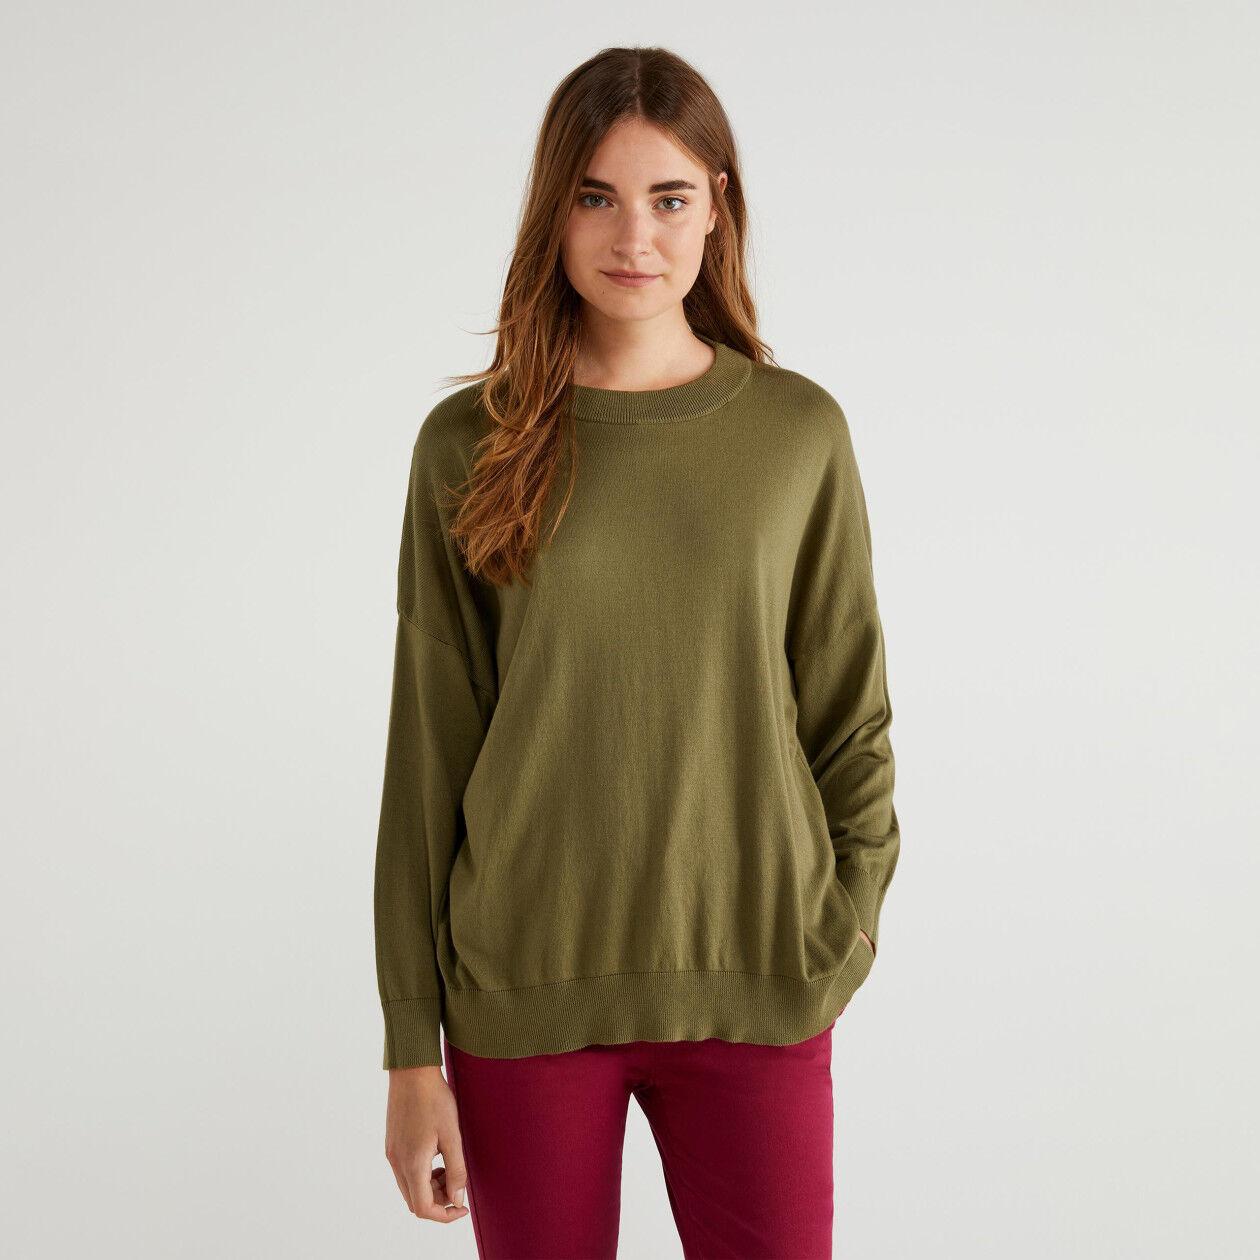 Μπλούζα από βαμβακερό και Modal®